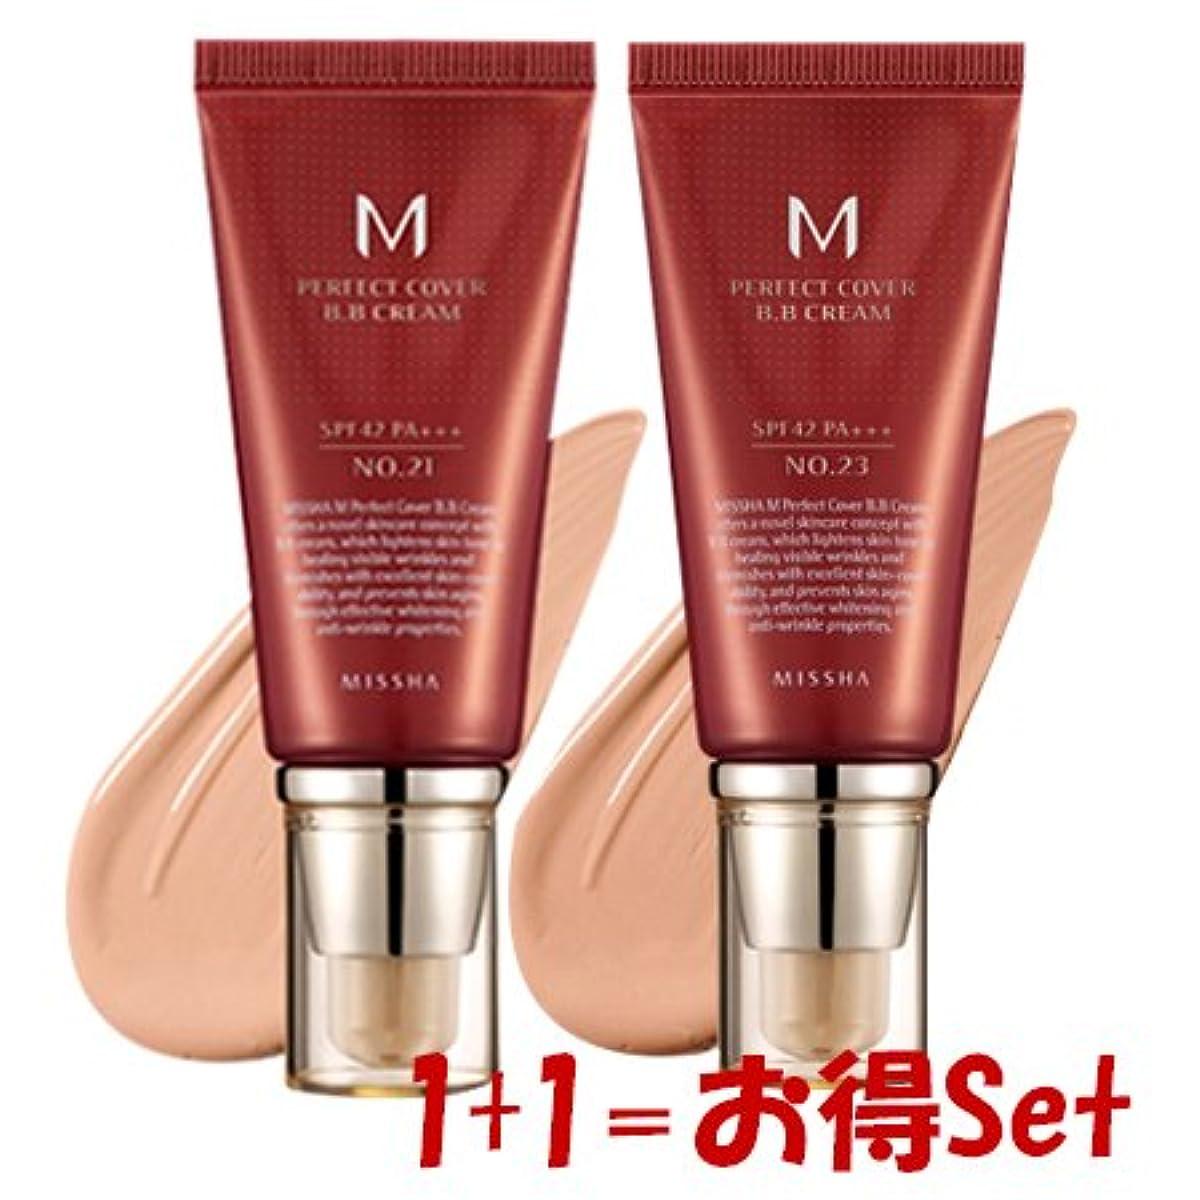 サイドボード浴液体MISSHA(美 思) ミシャ M パーフェクトカバーBBクリーム UV (No.21)1本 + (No.23)1本 SPF42 PA+++ 2本 セット [海外直送品]